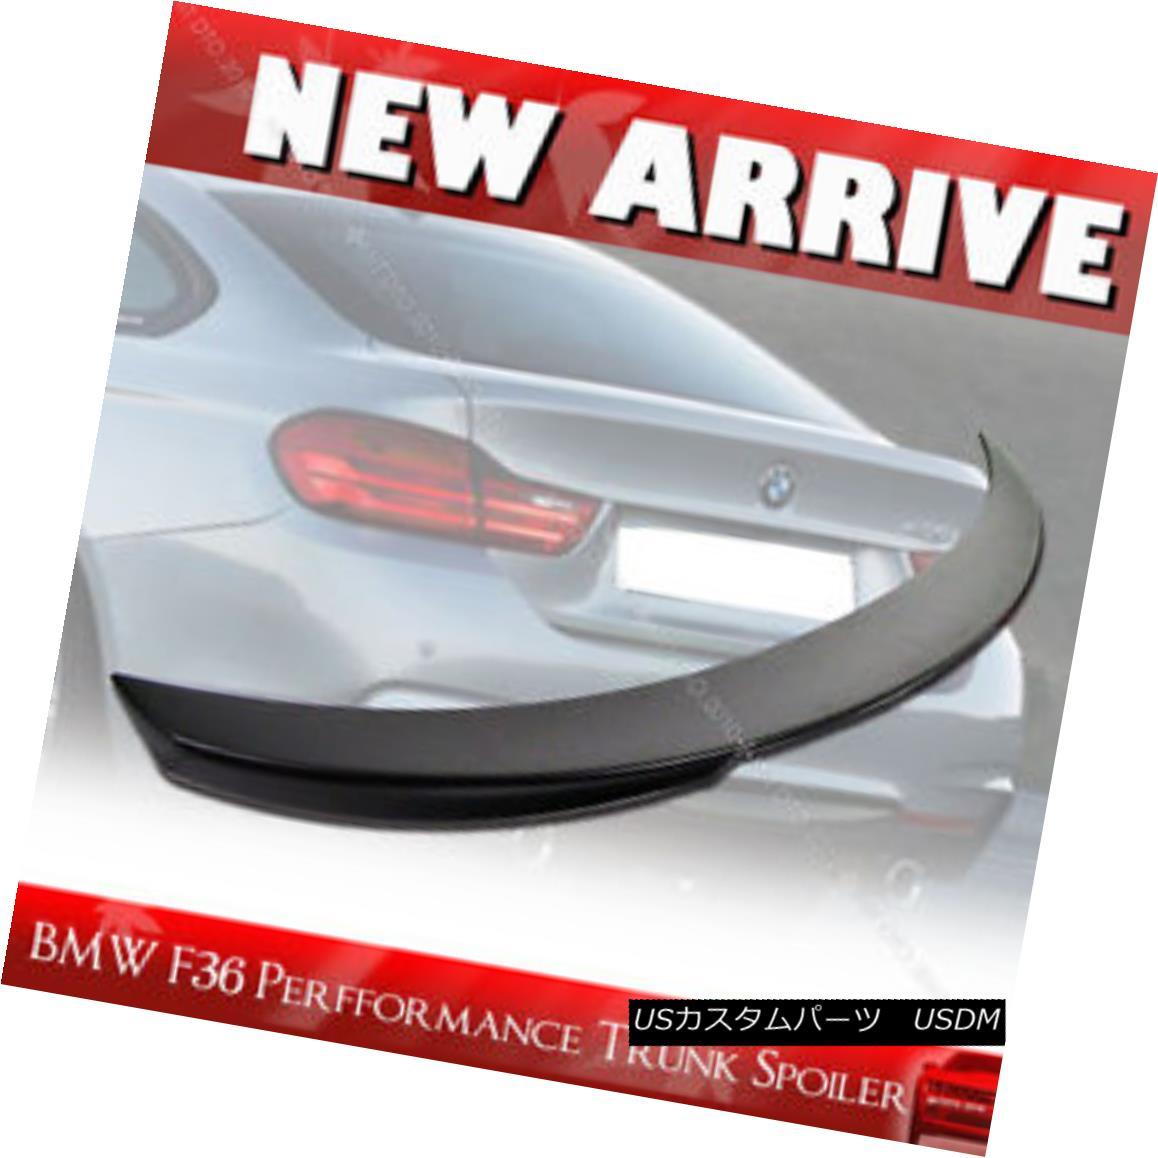 エアロパーツ Unpaint BMW F36 Gran Coupe Performance Boot Trunk Spoiler 420d 440i 435i ABS 未塗装BMW F36グランクーペパフォーマンスブーツトランクスポイラー420d 440i 435i ABS